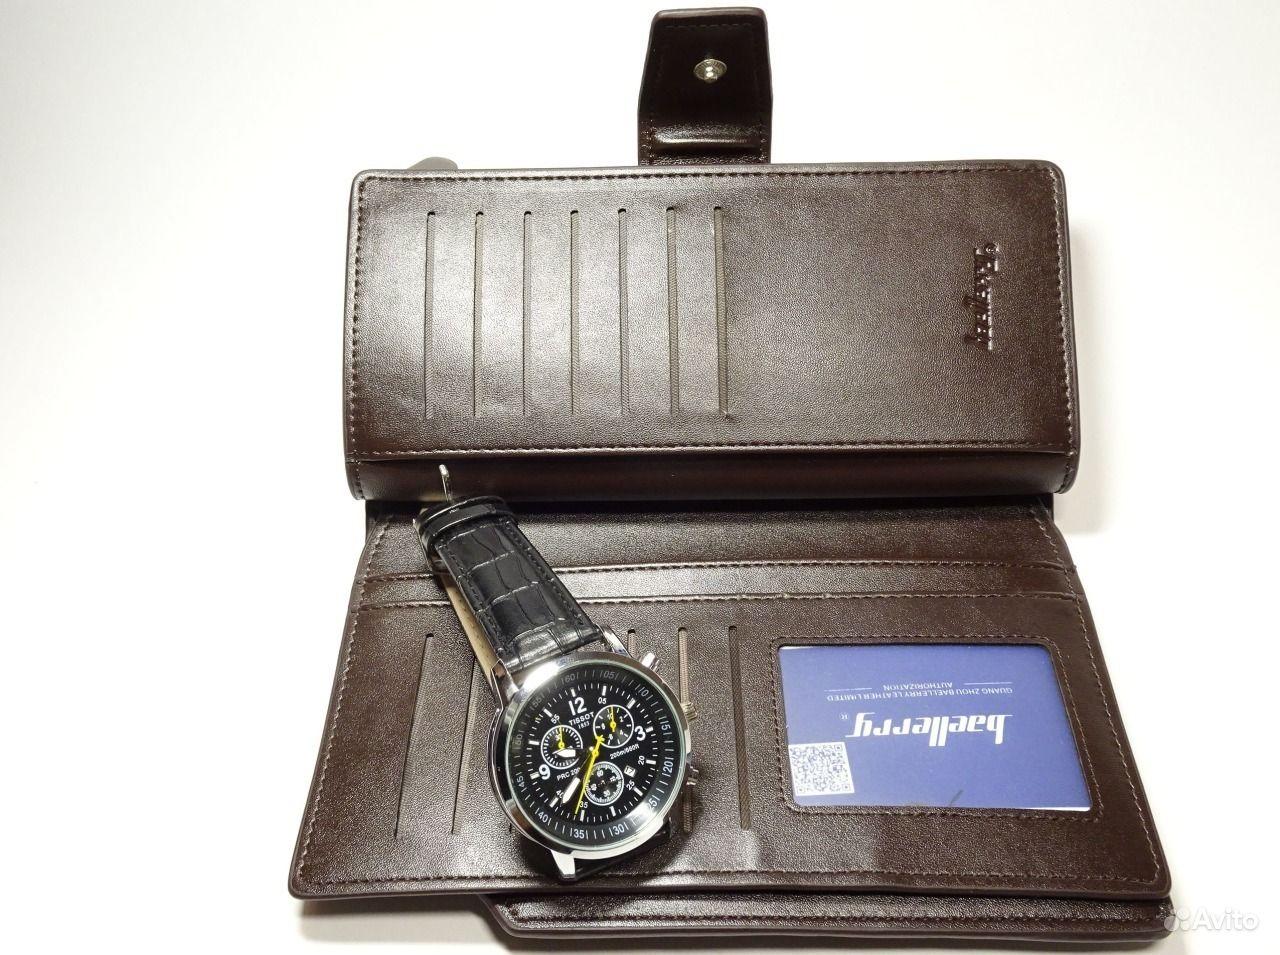 Портмоне часы tissot в подарок